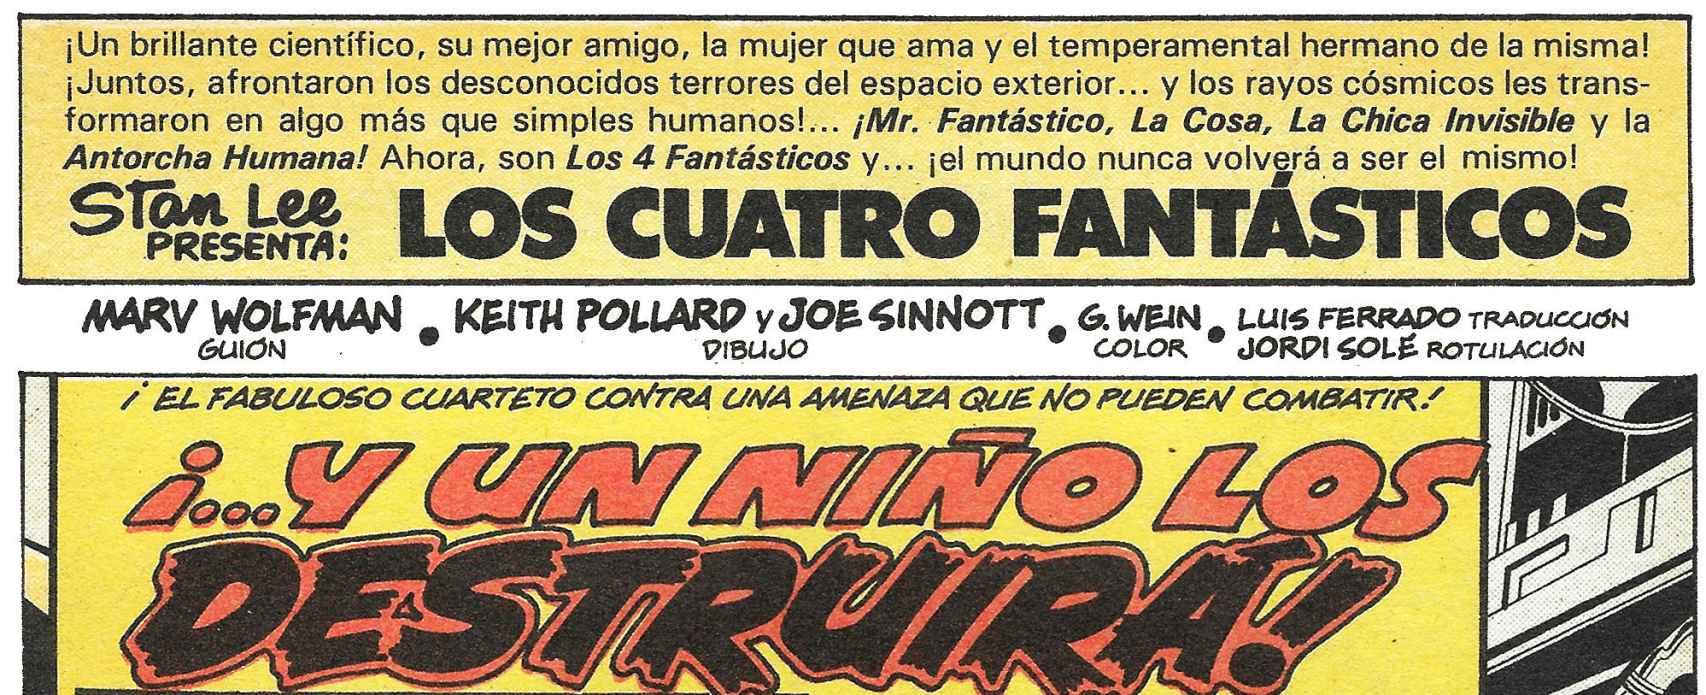 Stan Lee presenta: